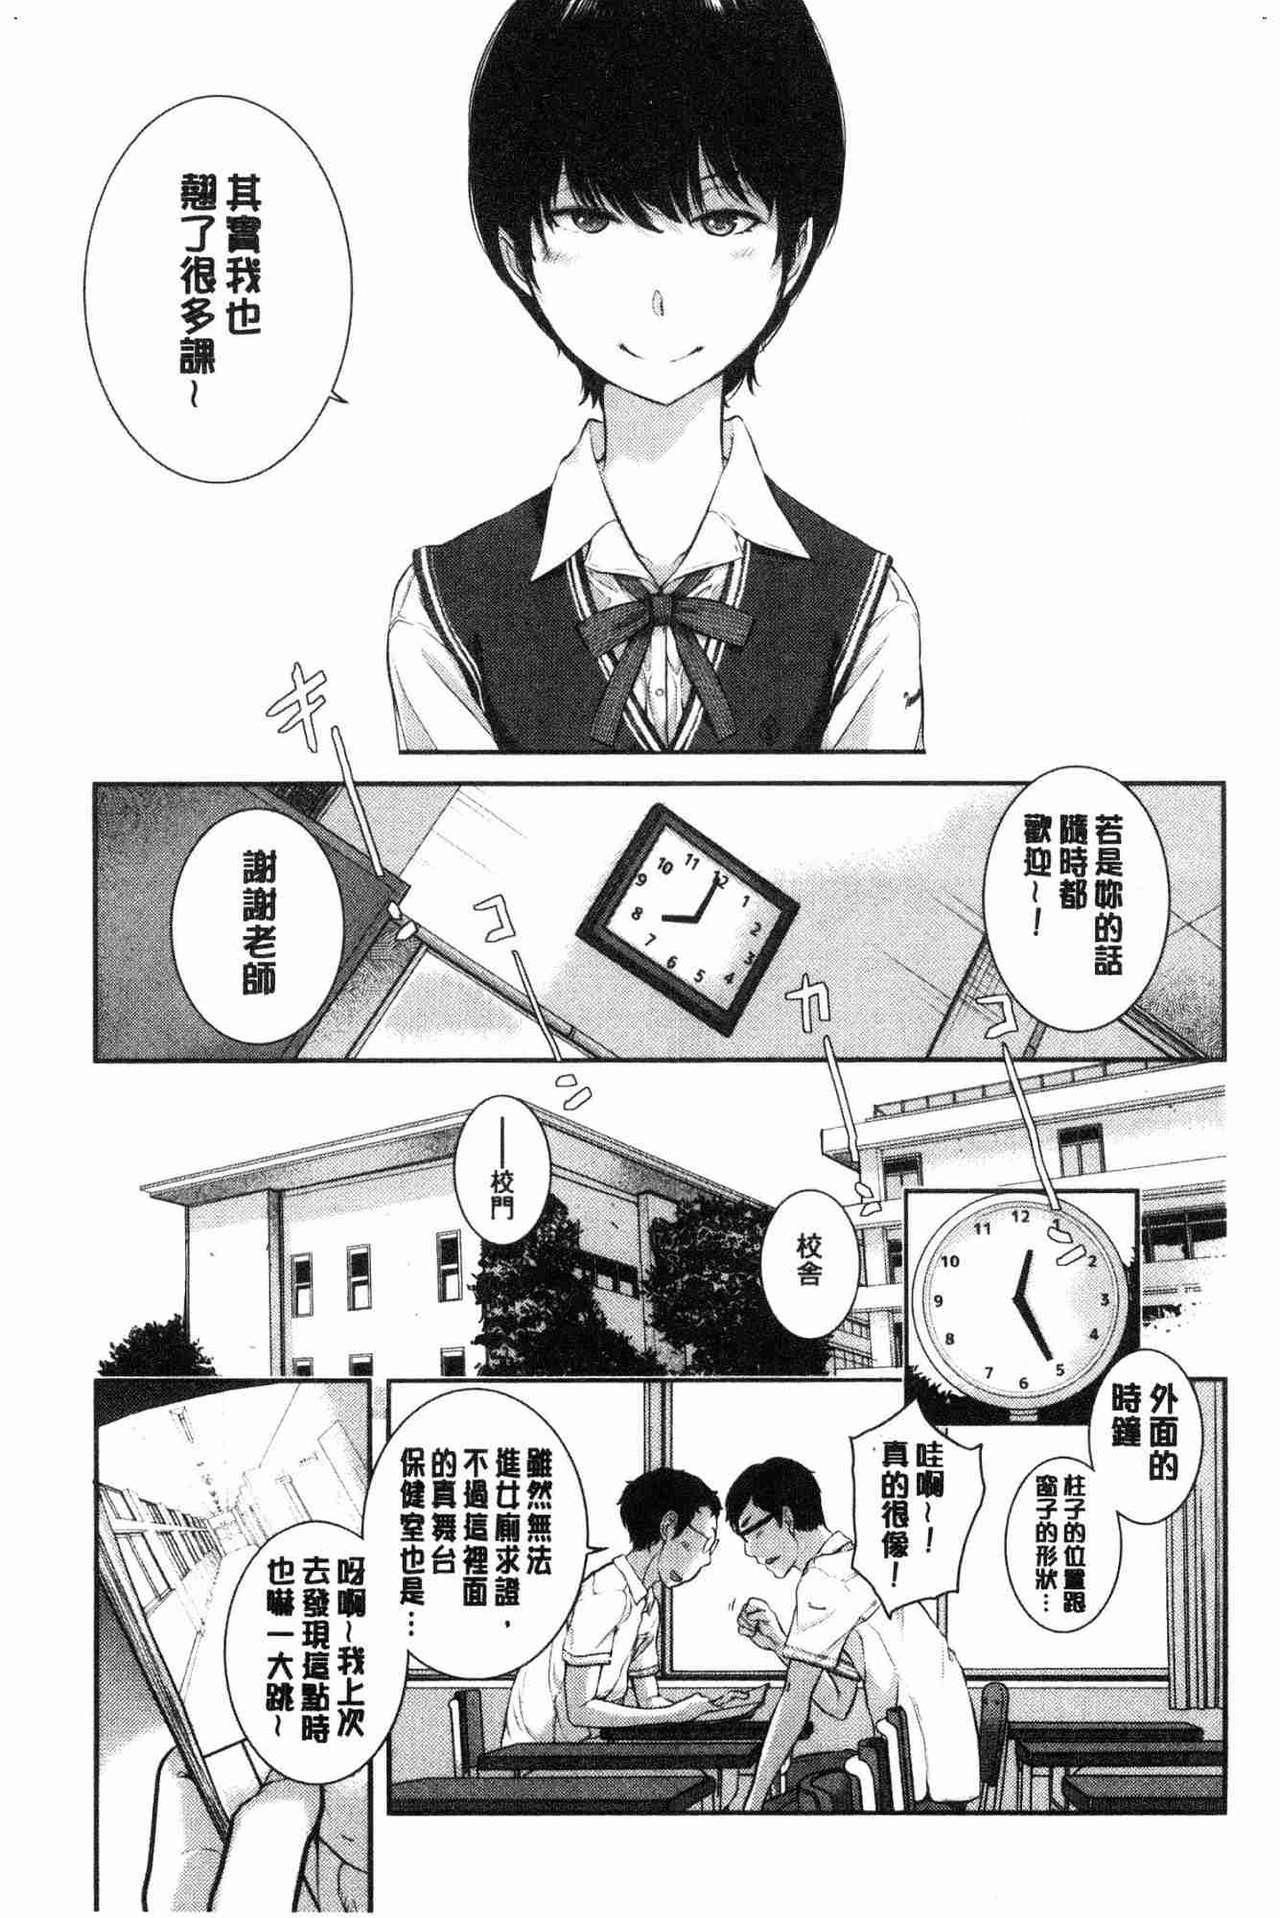 [Harazaki Takuma] Seifuku Shijou Shugi -Natsu- - Uniforms supremacy [Chinese] 157